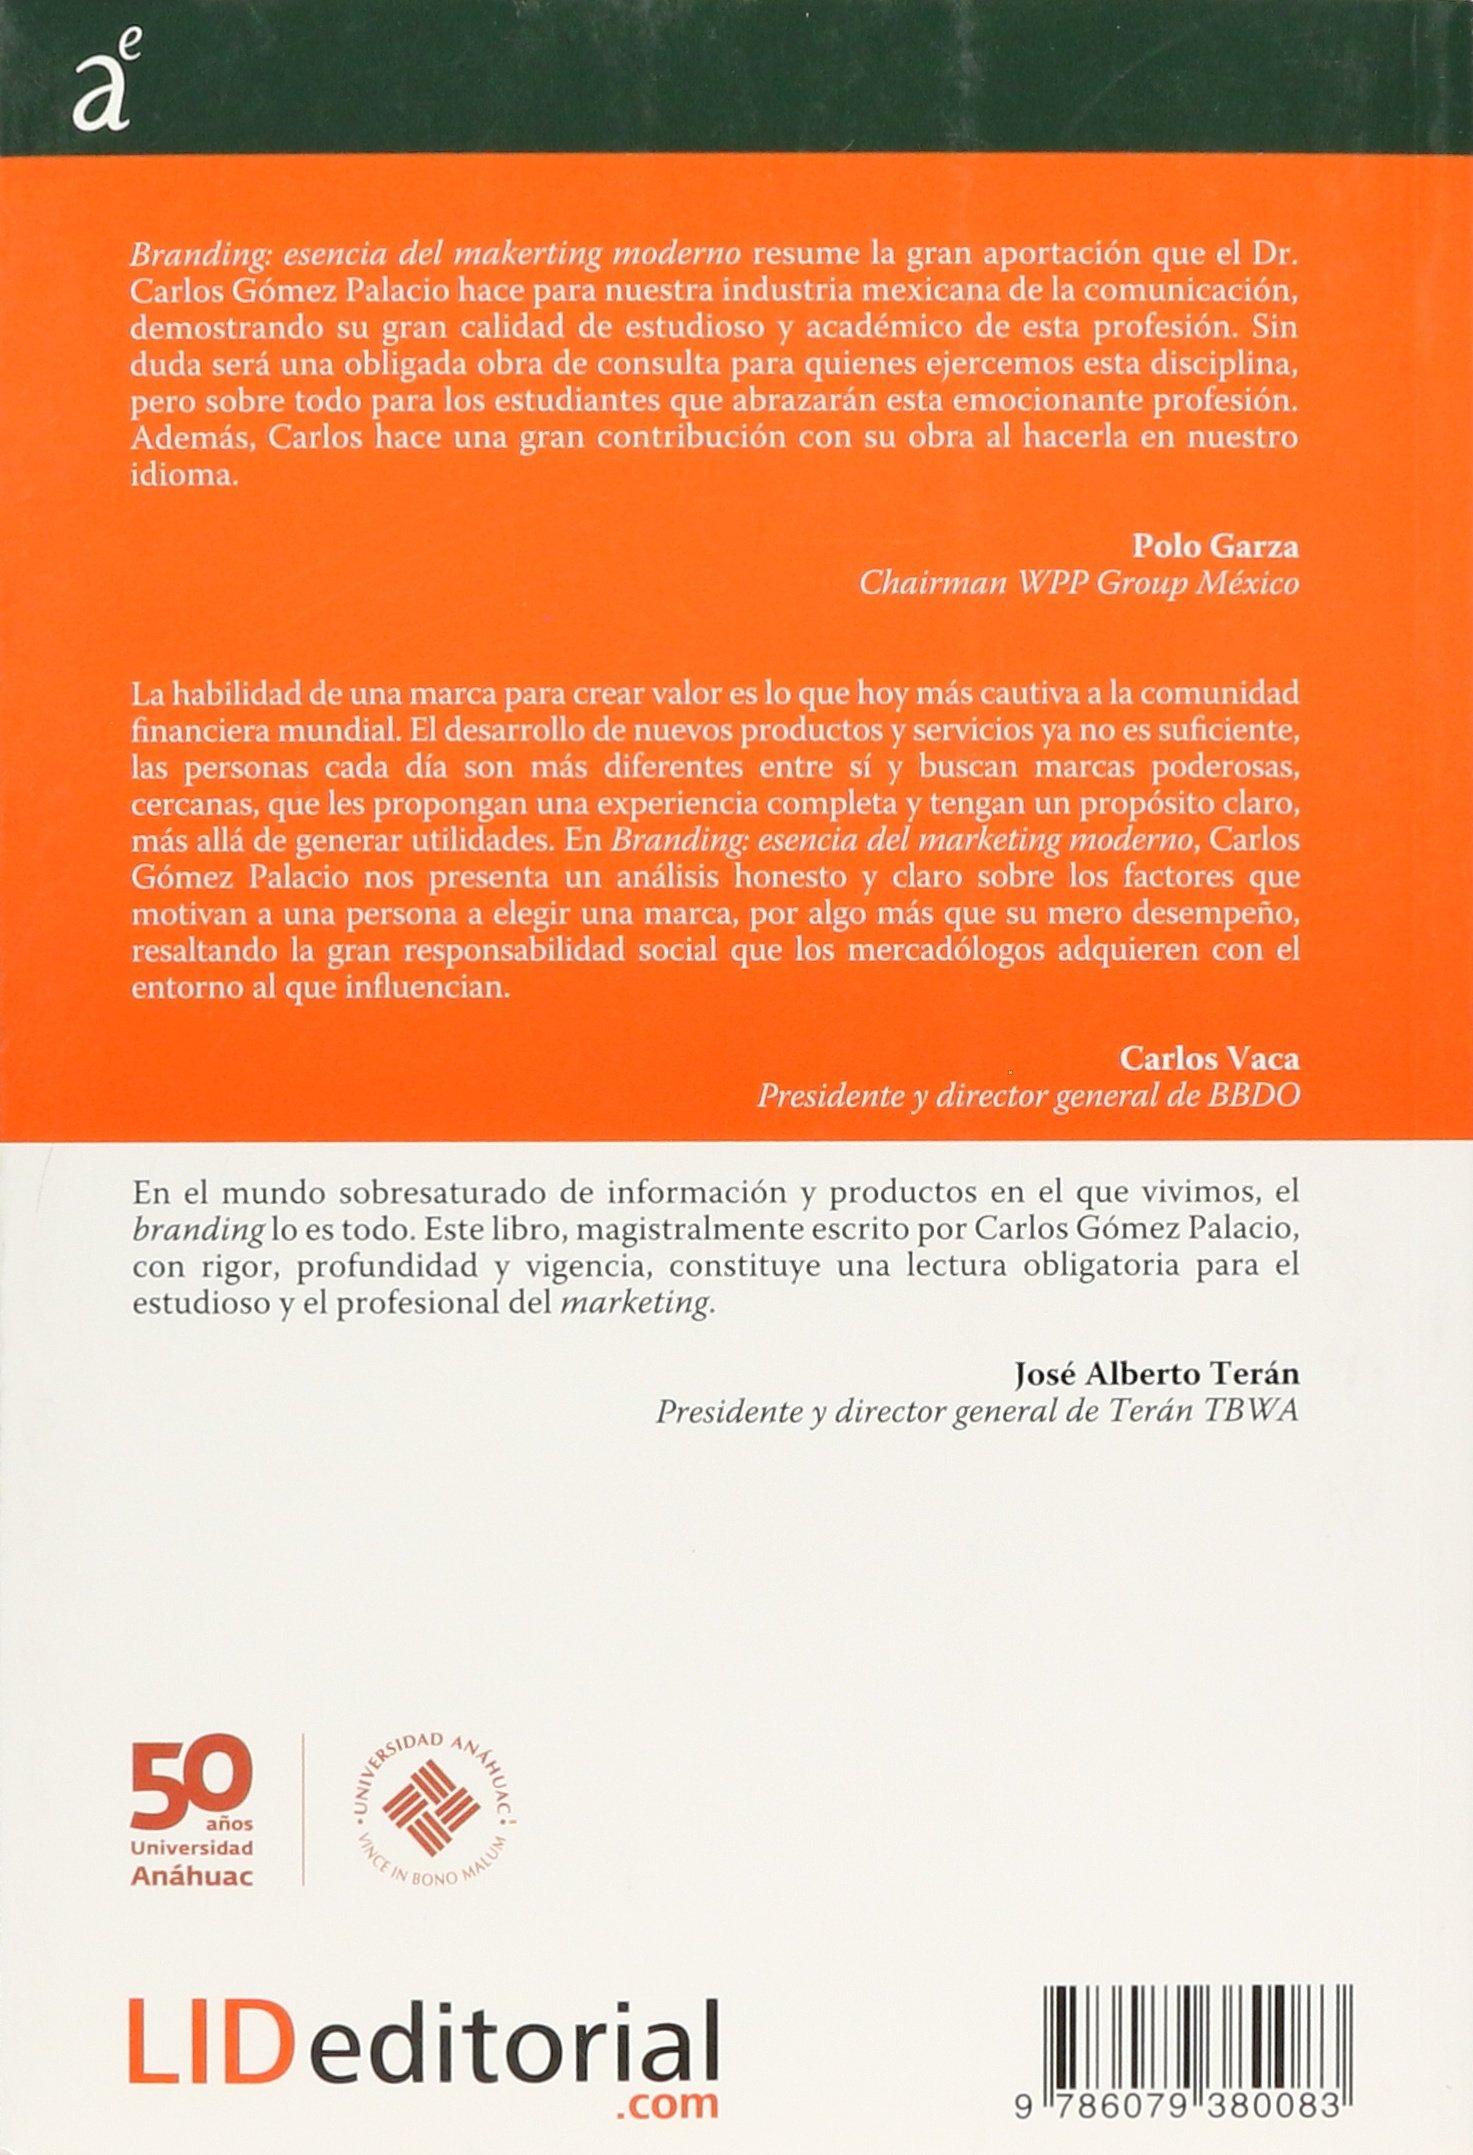 BRANDING ESENCIA DEL MARKETING MODERNO: CARLOS GOMEZ PALACIO: 9786079380083: Amazon.com: Books